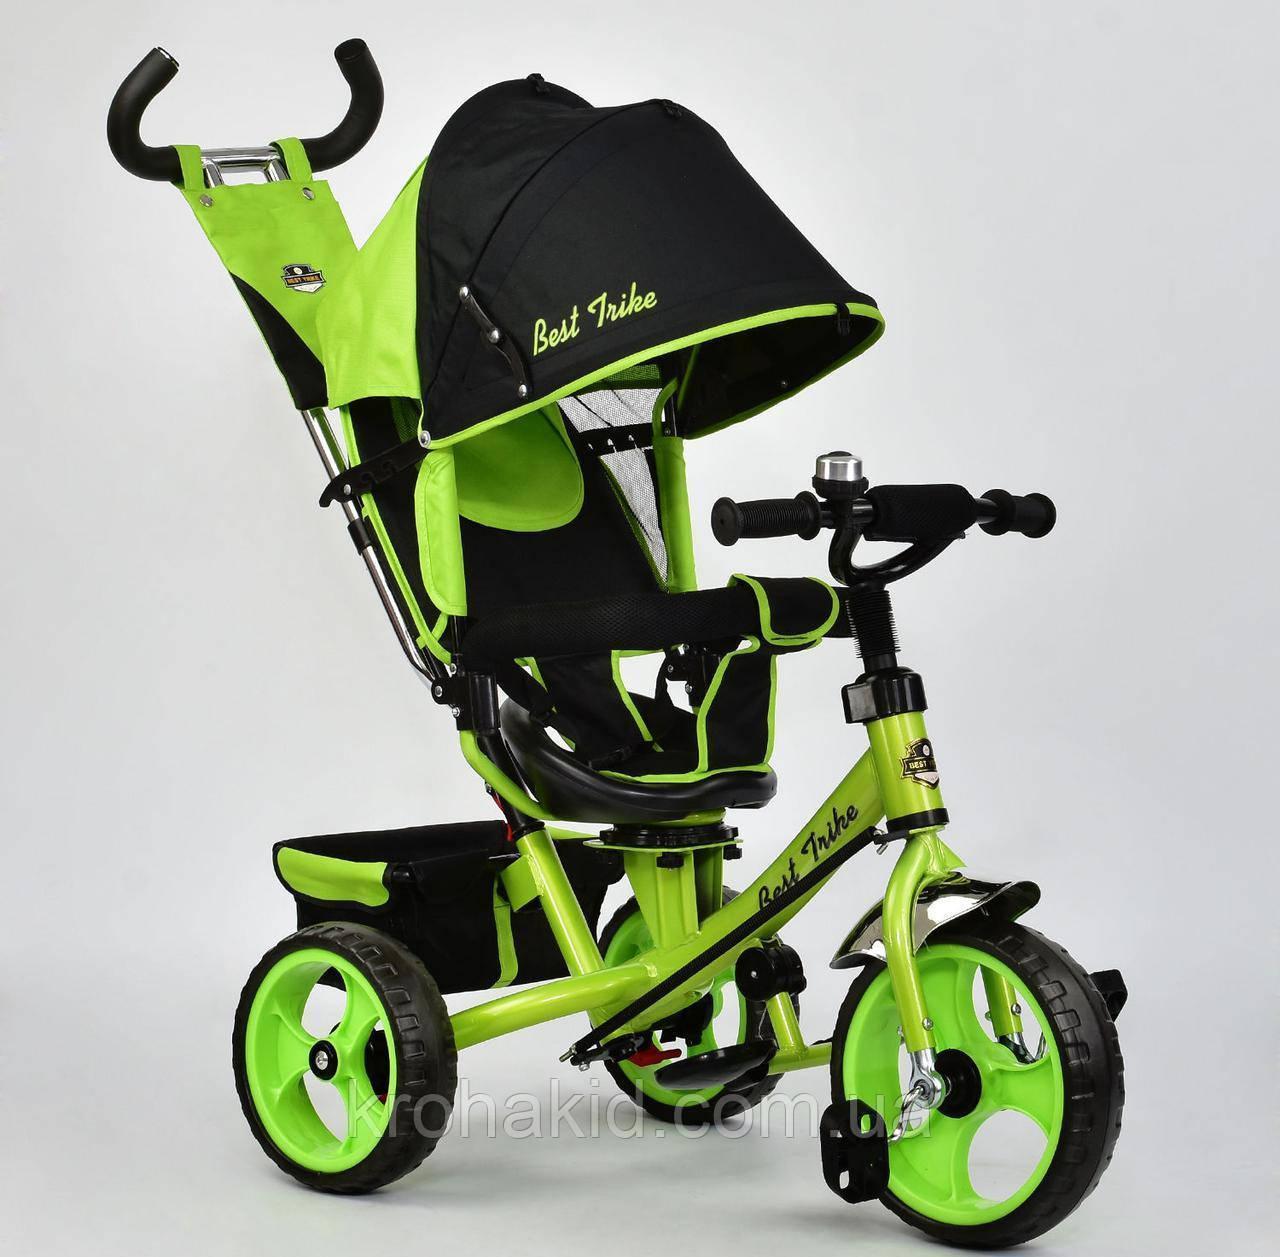 Велосипед трехколесный 5700 - 4120 САЛАТОВЫЙ ПОВОРОТНОЕ СИДЕНЬЕ, КОЛЕСА EVA (ПЕНА)